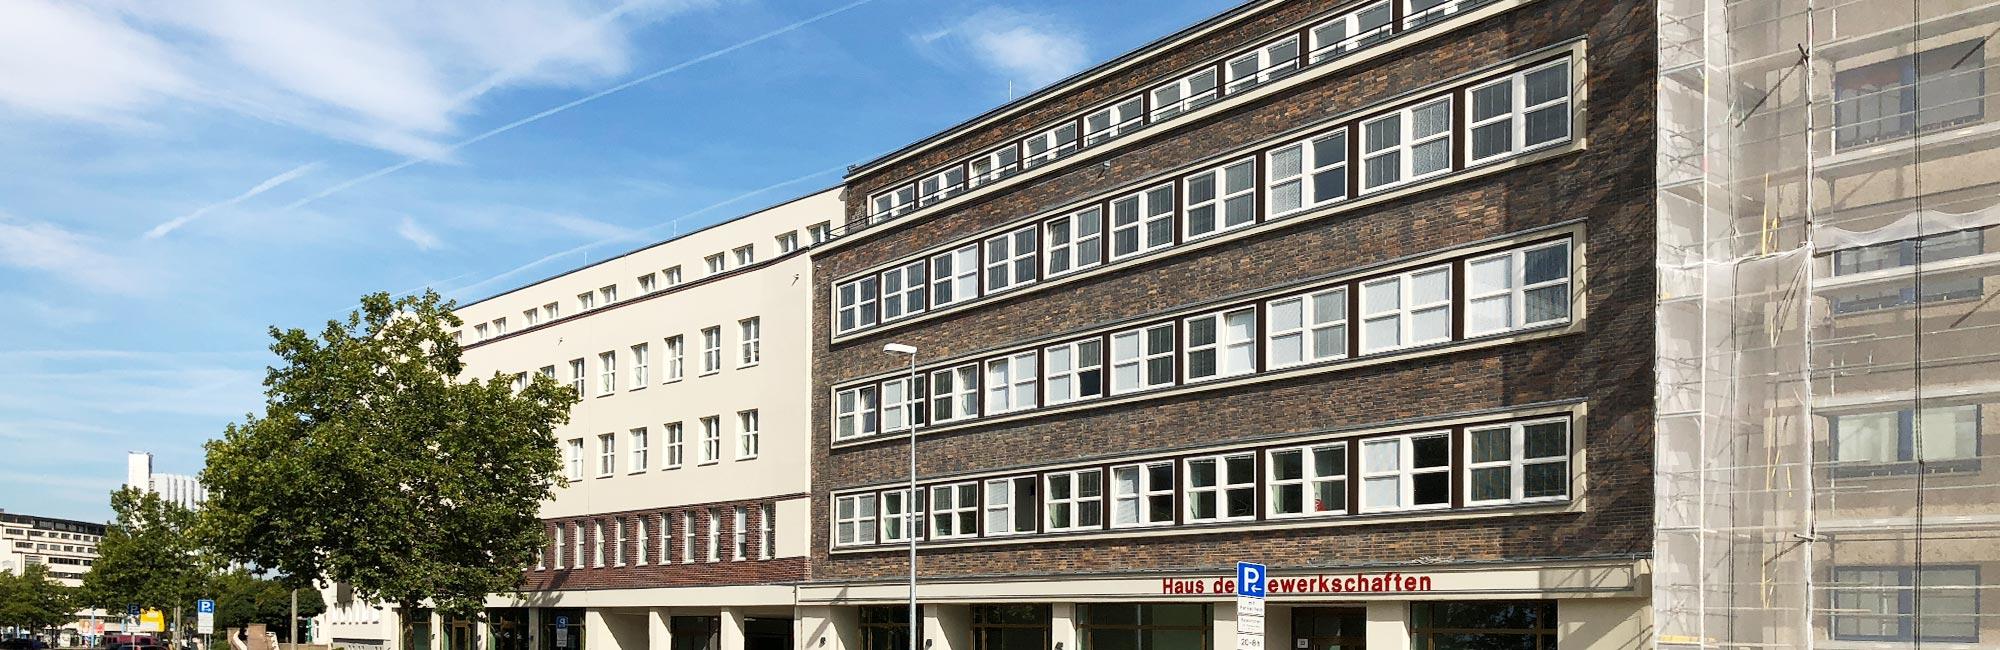 Architekturbüro Heinrich Wohnbau Haus der Gewerkscahften